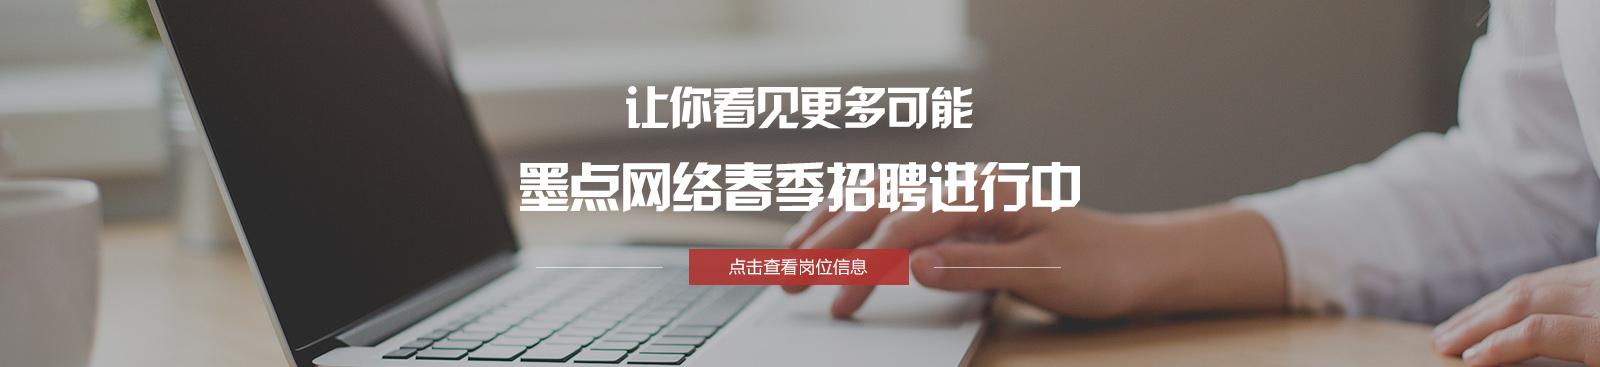 石家庄网络推广